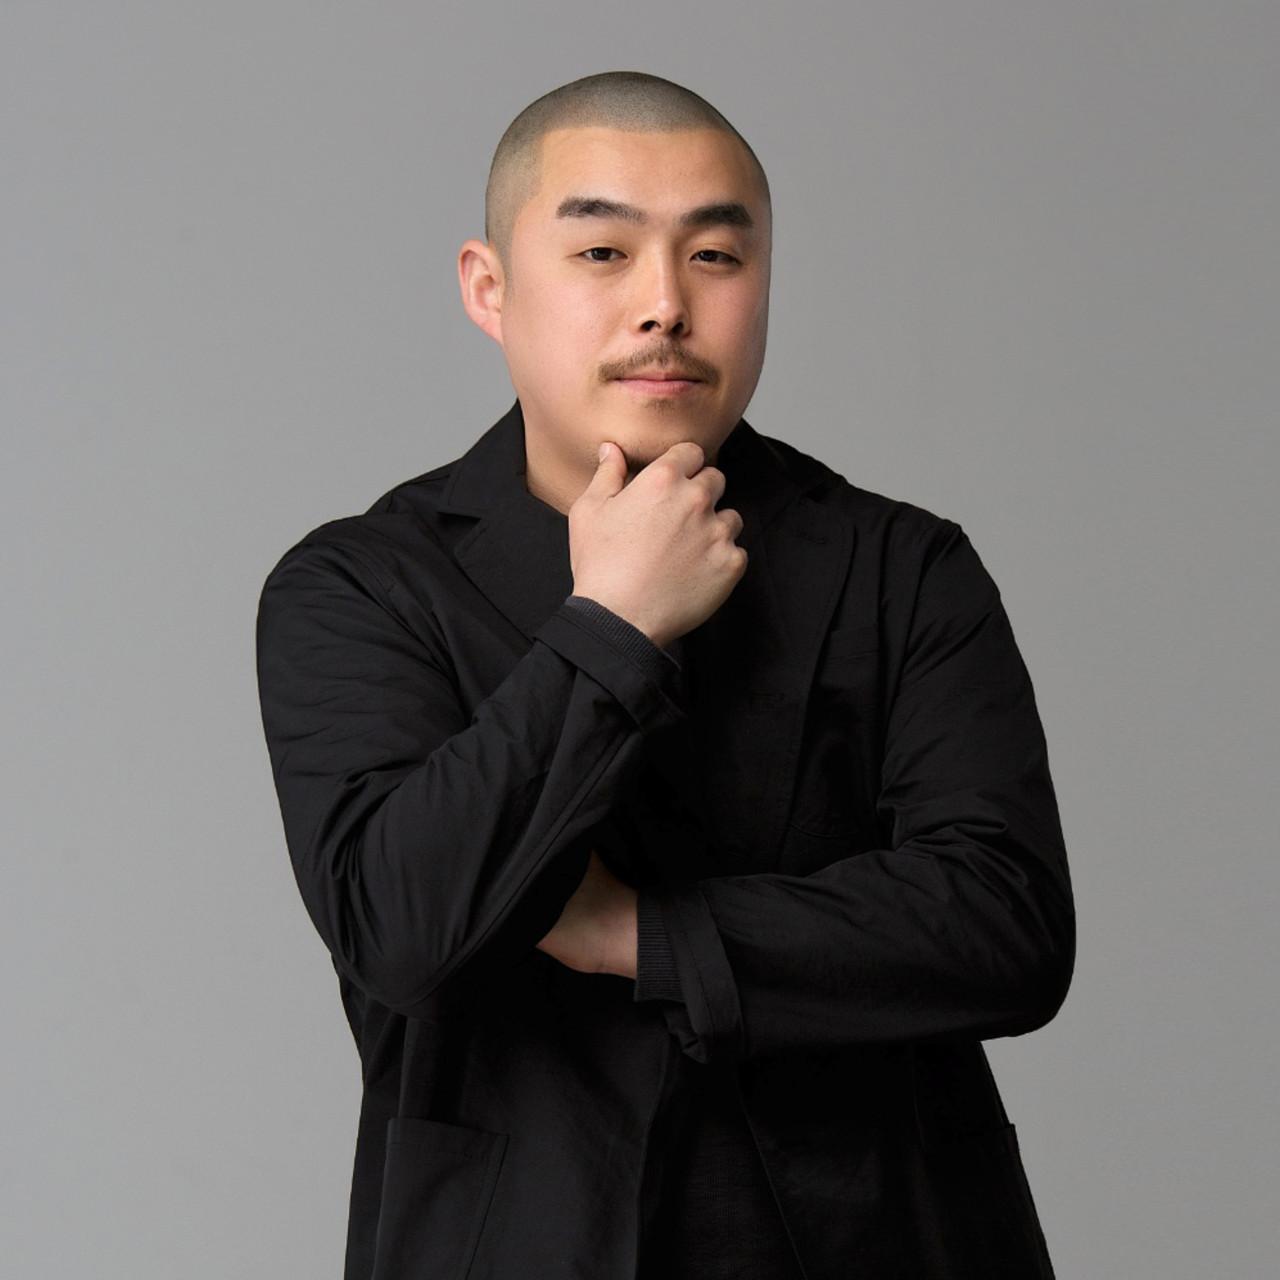 진주 협업점<br>Scalp Designer<br>KUSH 원장<br><br>Graycity Bald head Design / <br>Scalp Micro Pigmentation 자격 수료